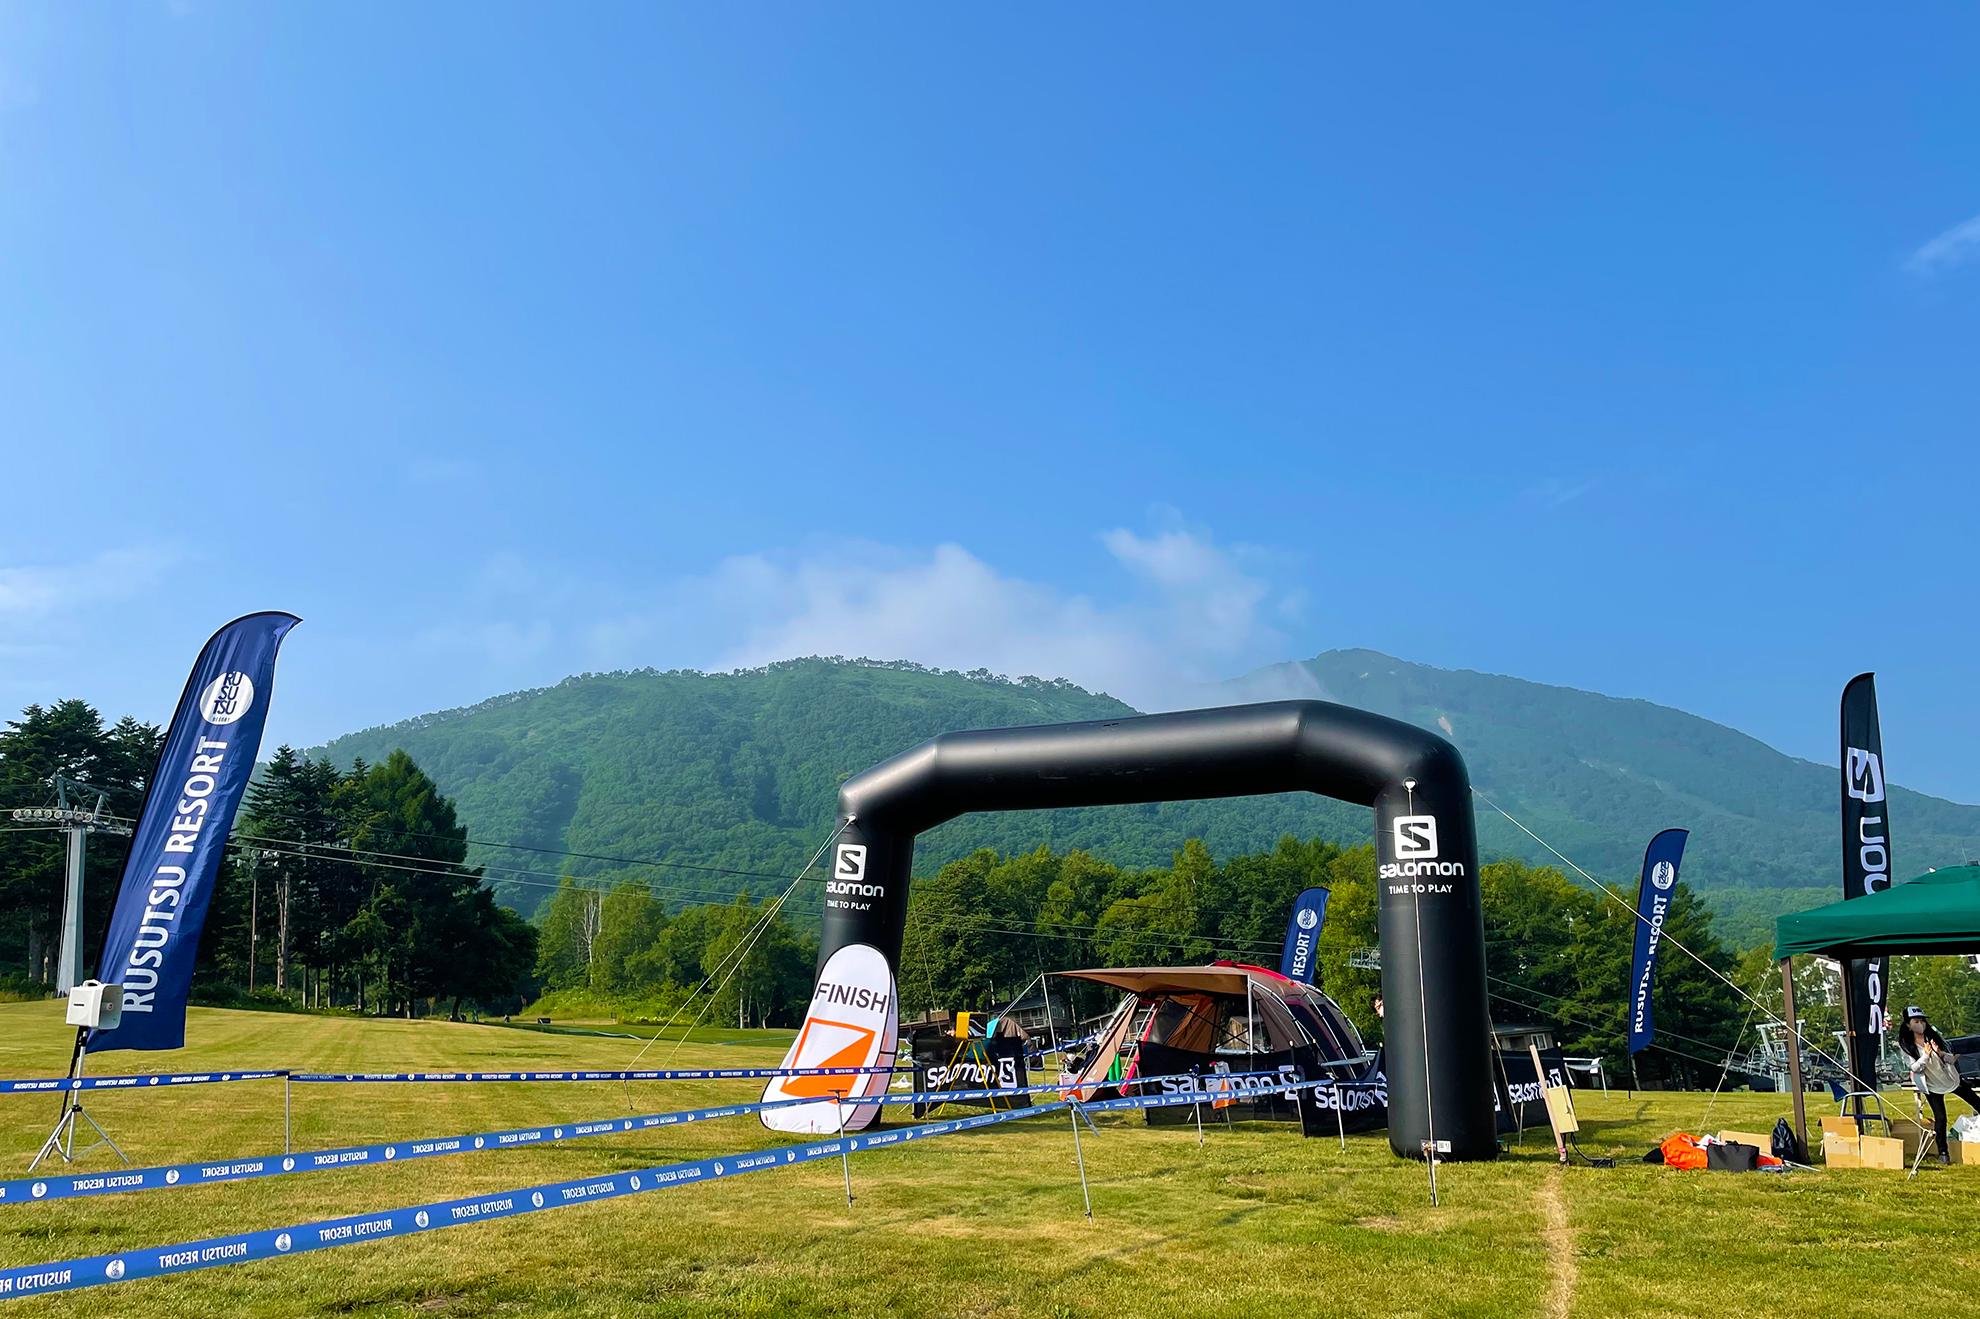 北海道アウトドアフェスティバル2021 in ルスツ